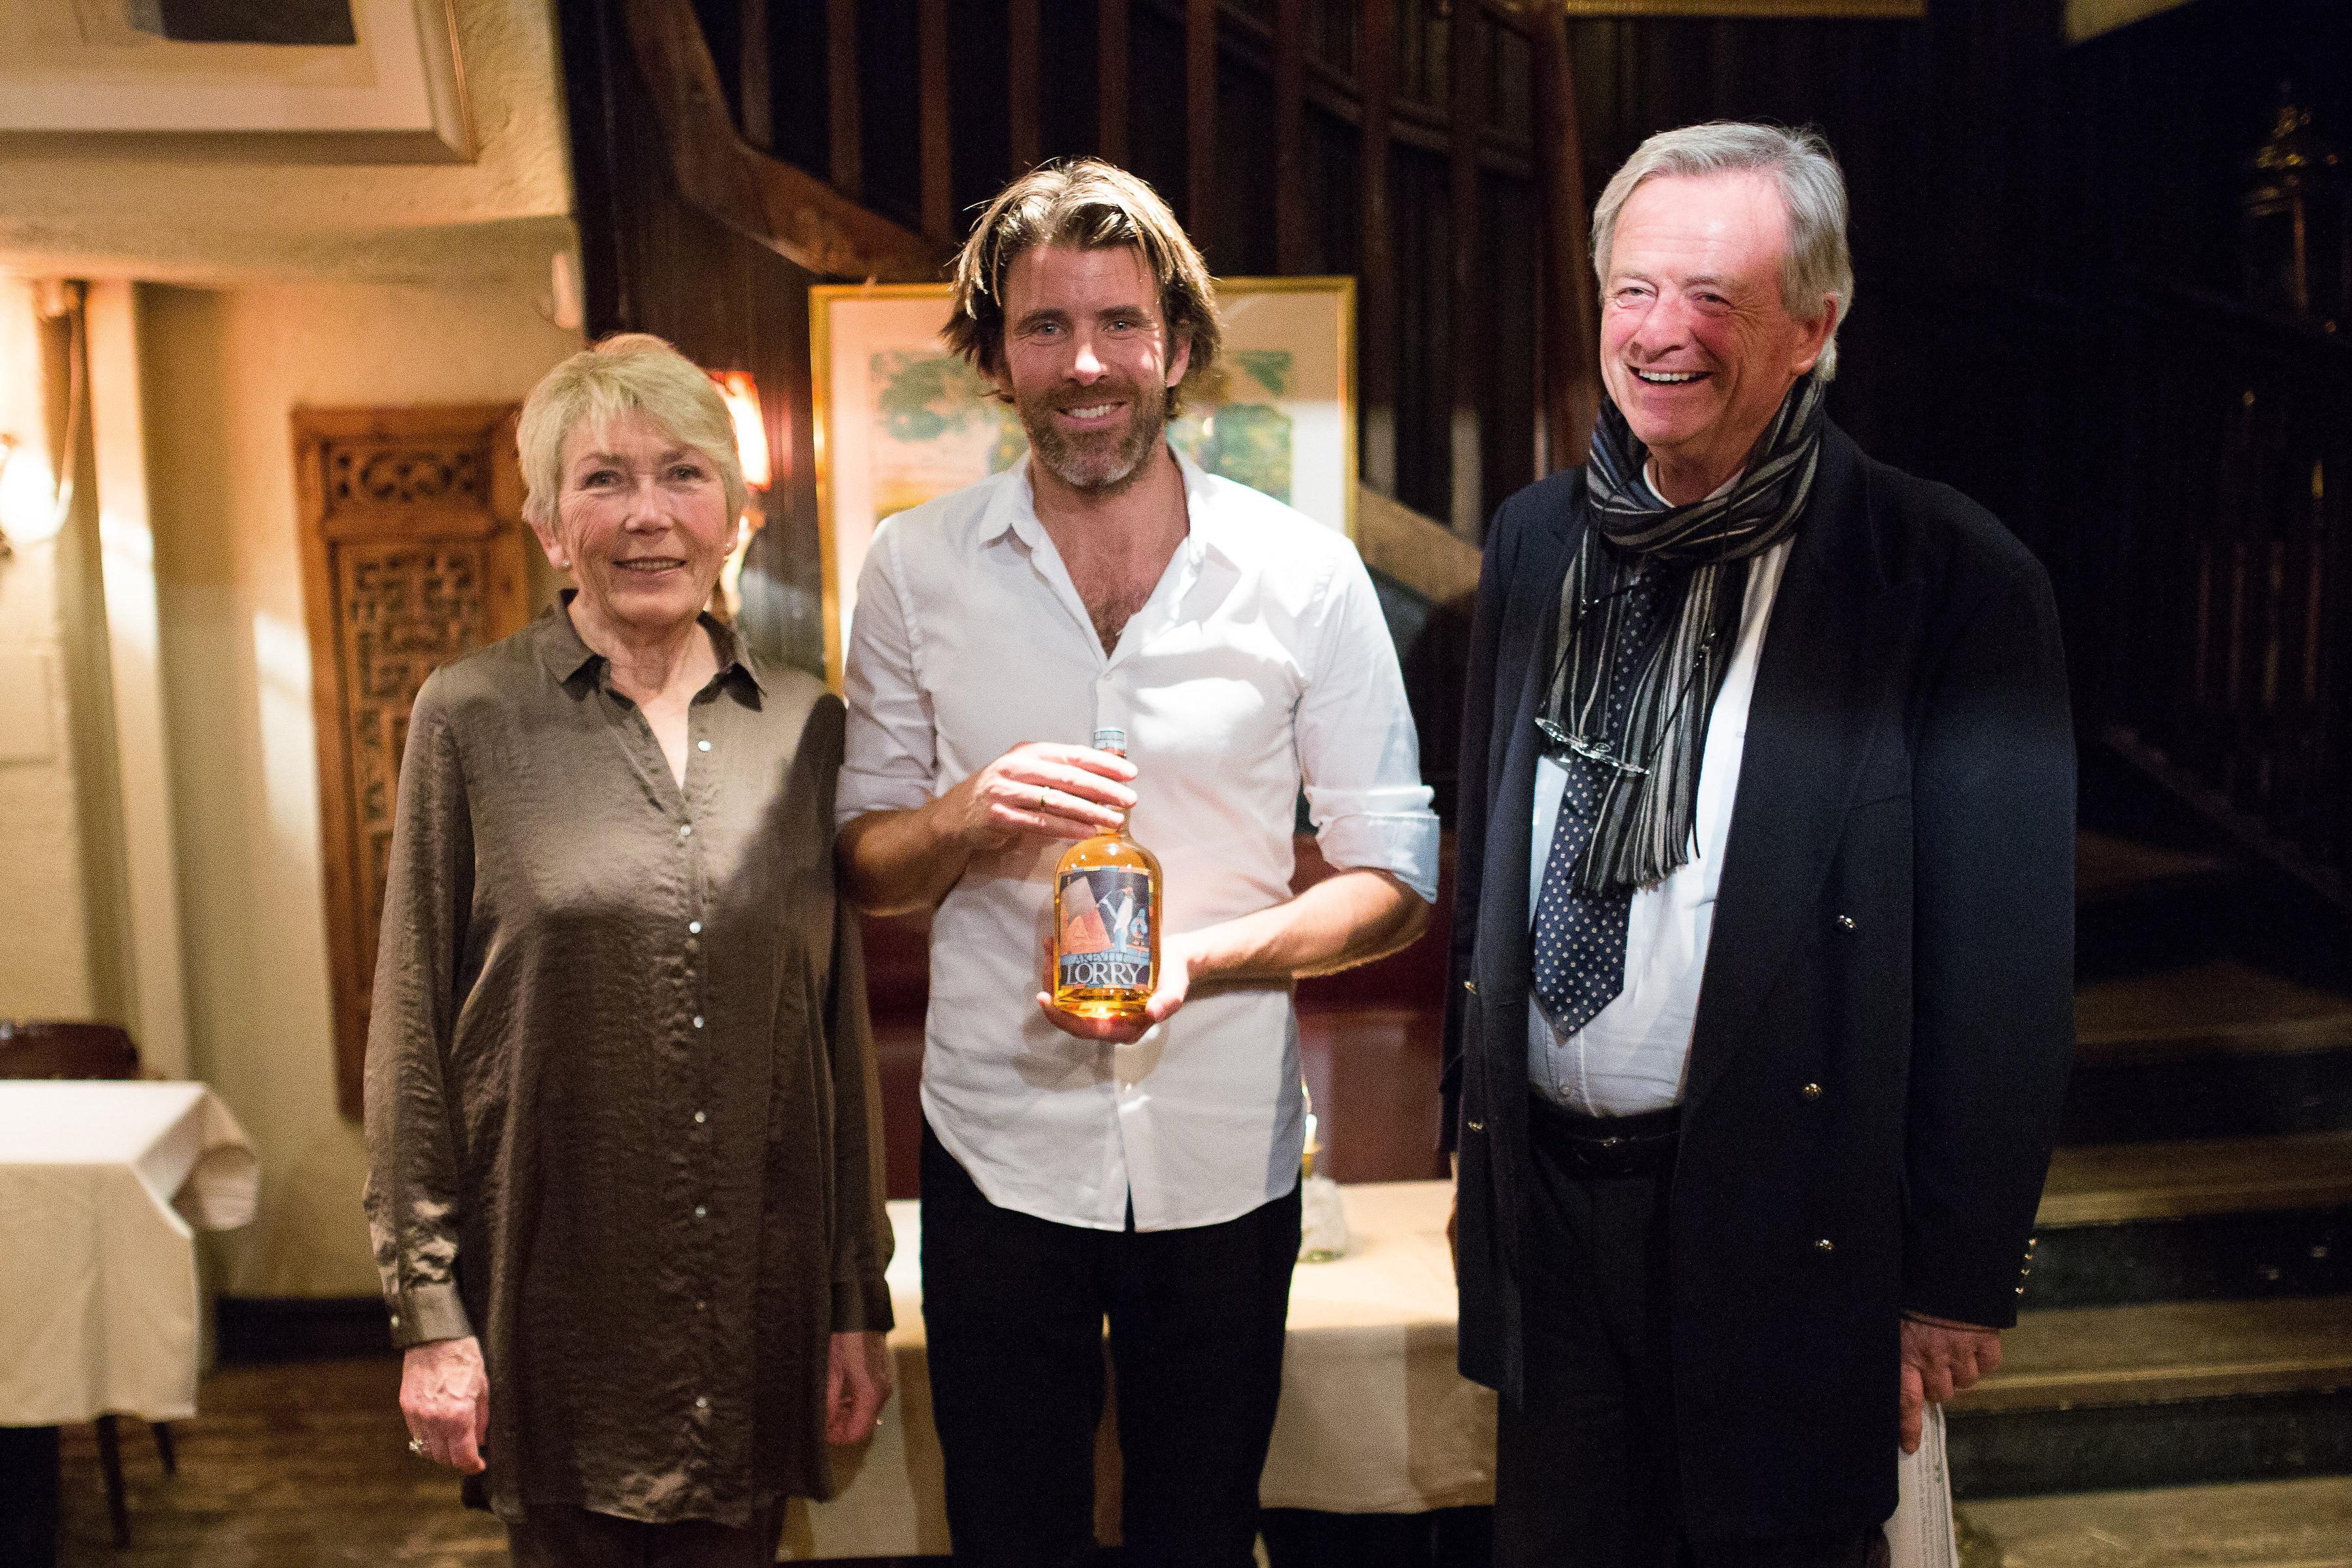 Foto: Nicolai Bauer. Nicolai Bauer har sammen med broren Karl-Axel overtatt driften av Lorry etter sin far Karl-Otto (til høyre). Nylig kunne de feire at Lorry nå også har fått sin egen akevitt.